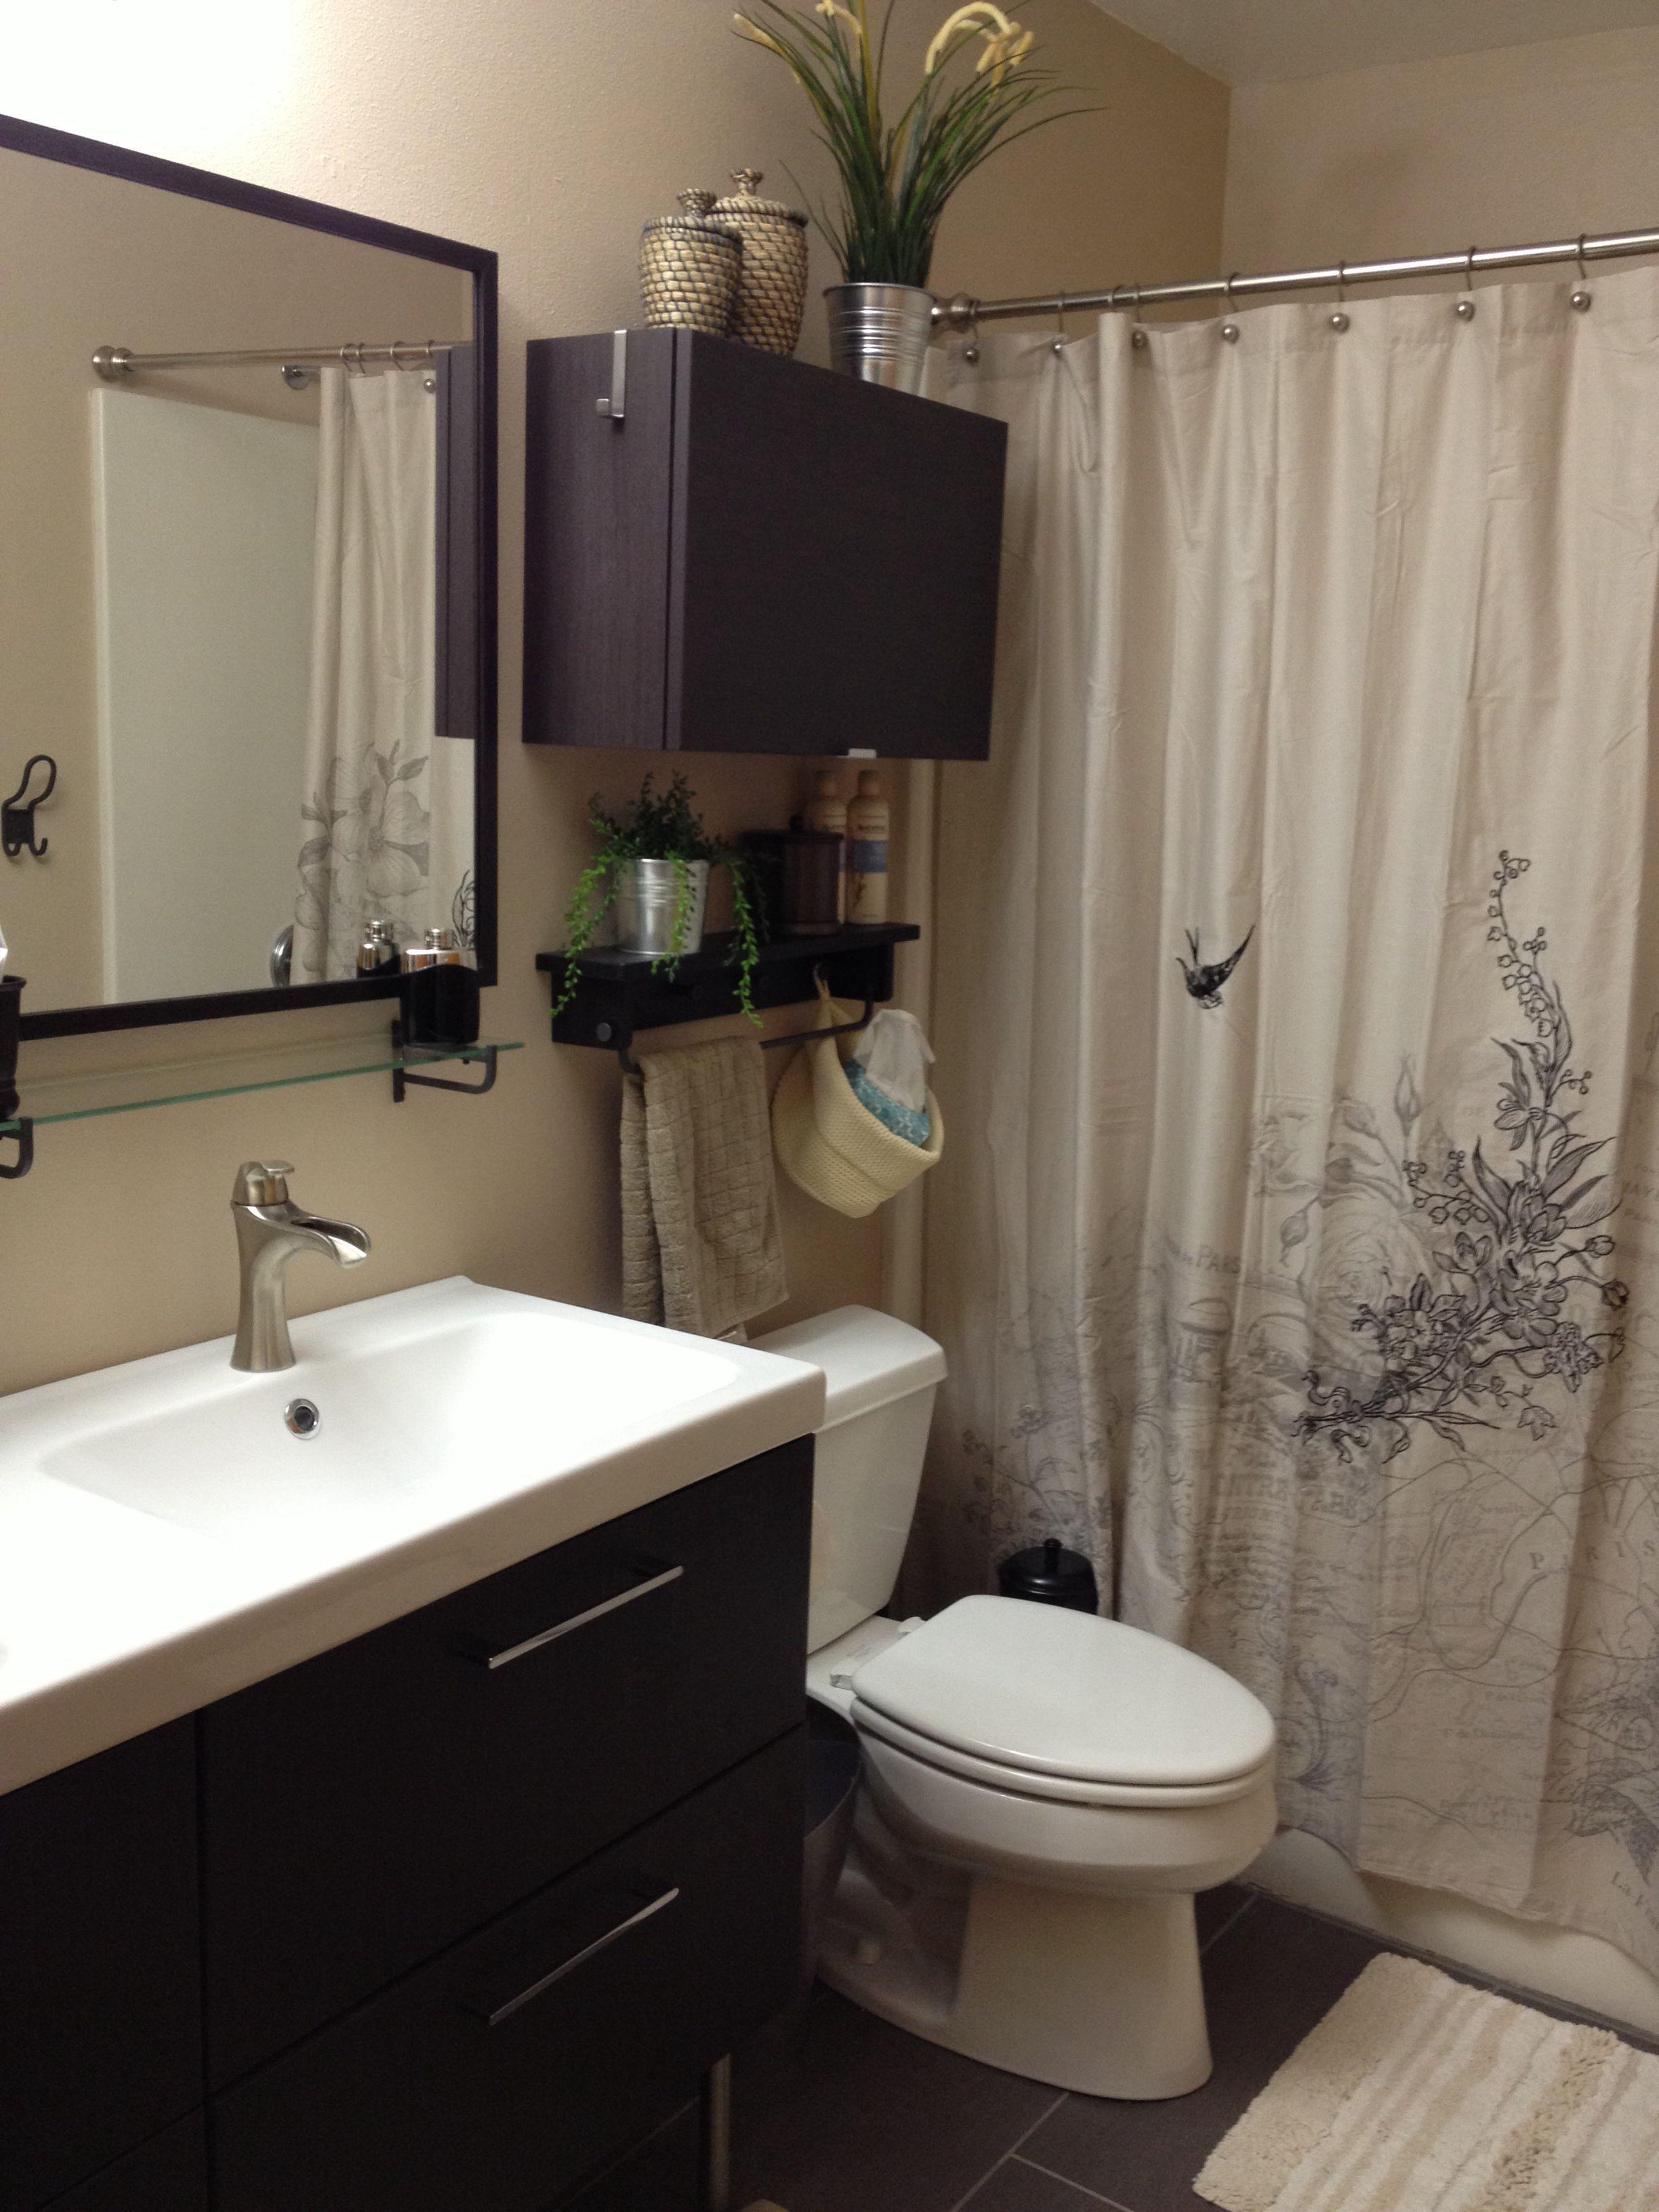 Bathroom Remodel Ikea in 9  Bathroom design, Ikea bathroom